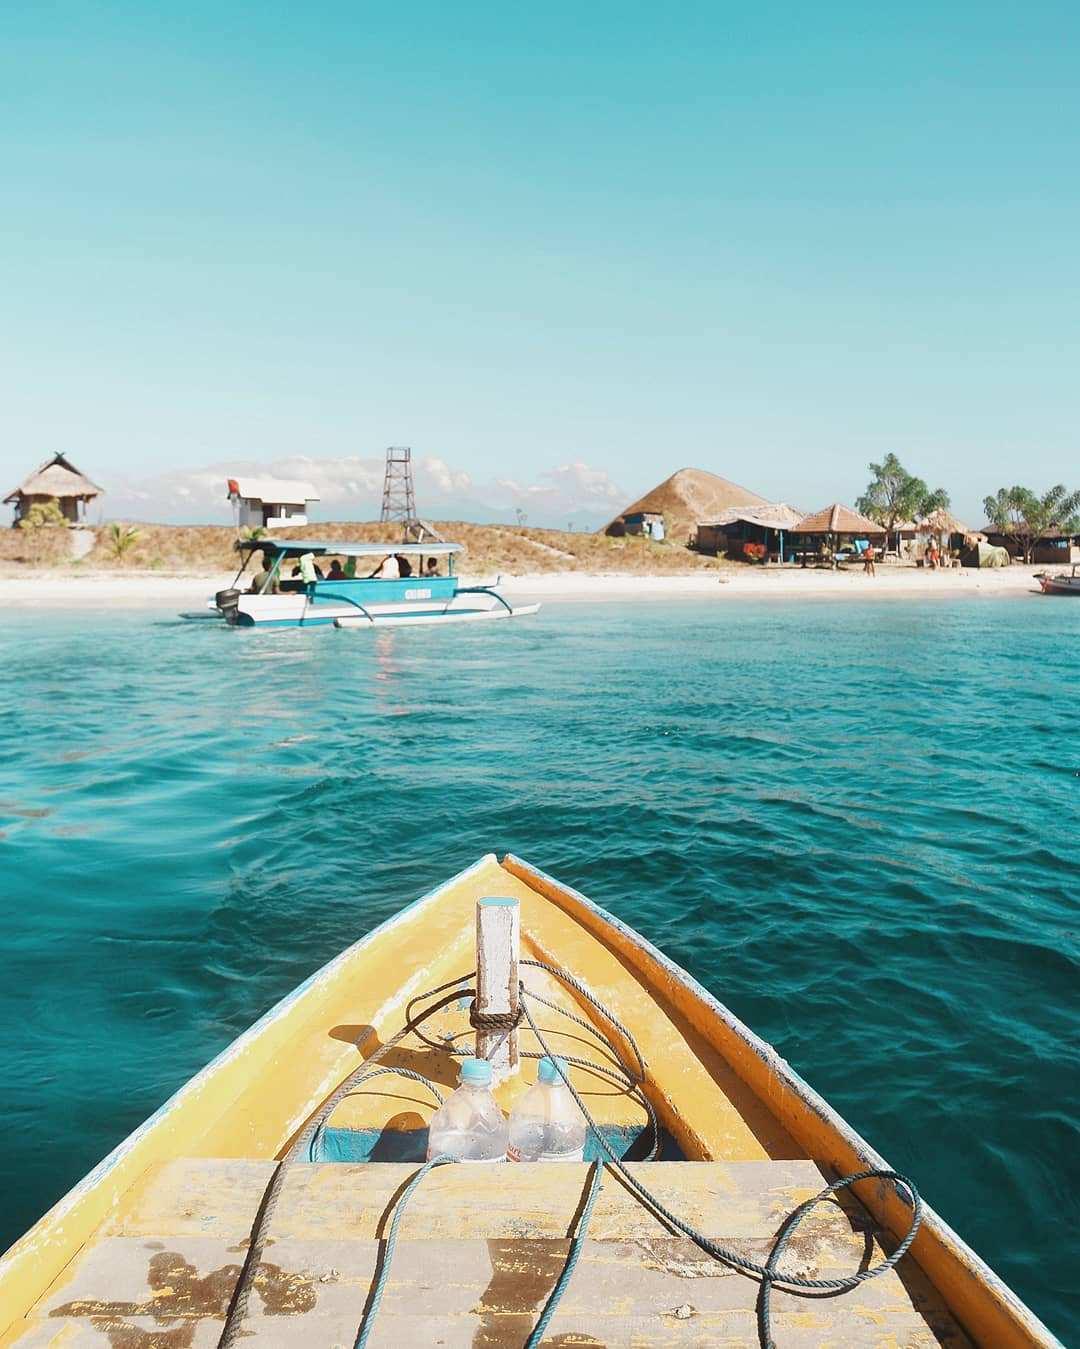 Perjalanan di atas Kapal Kecil Images From@musimliburan